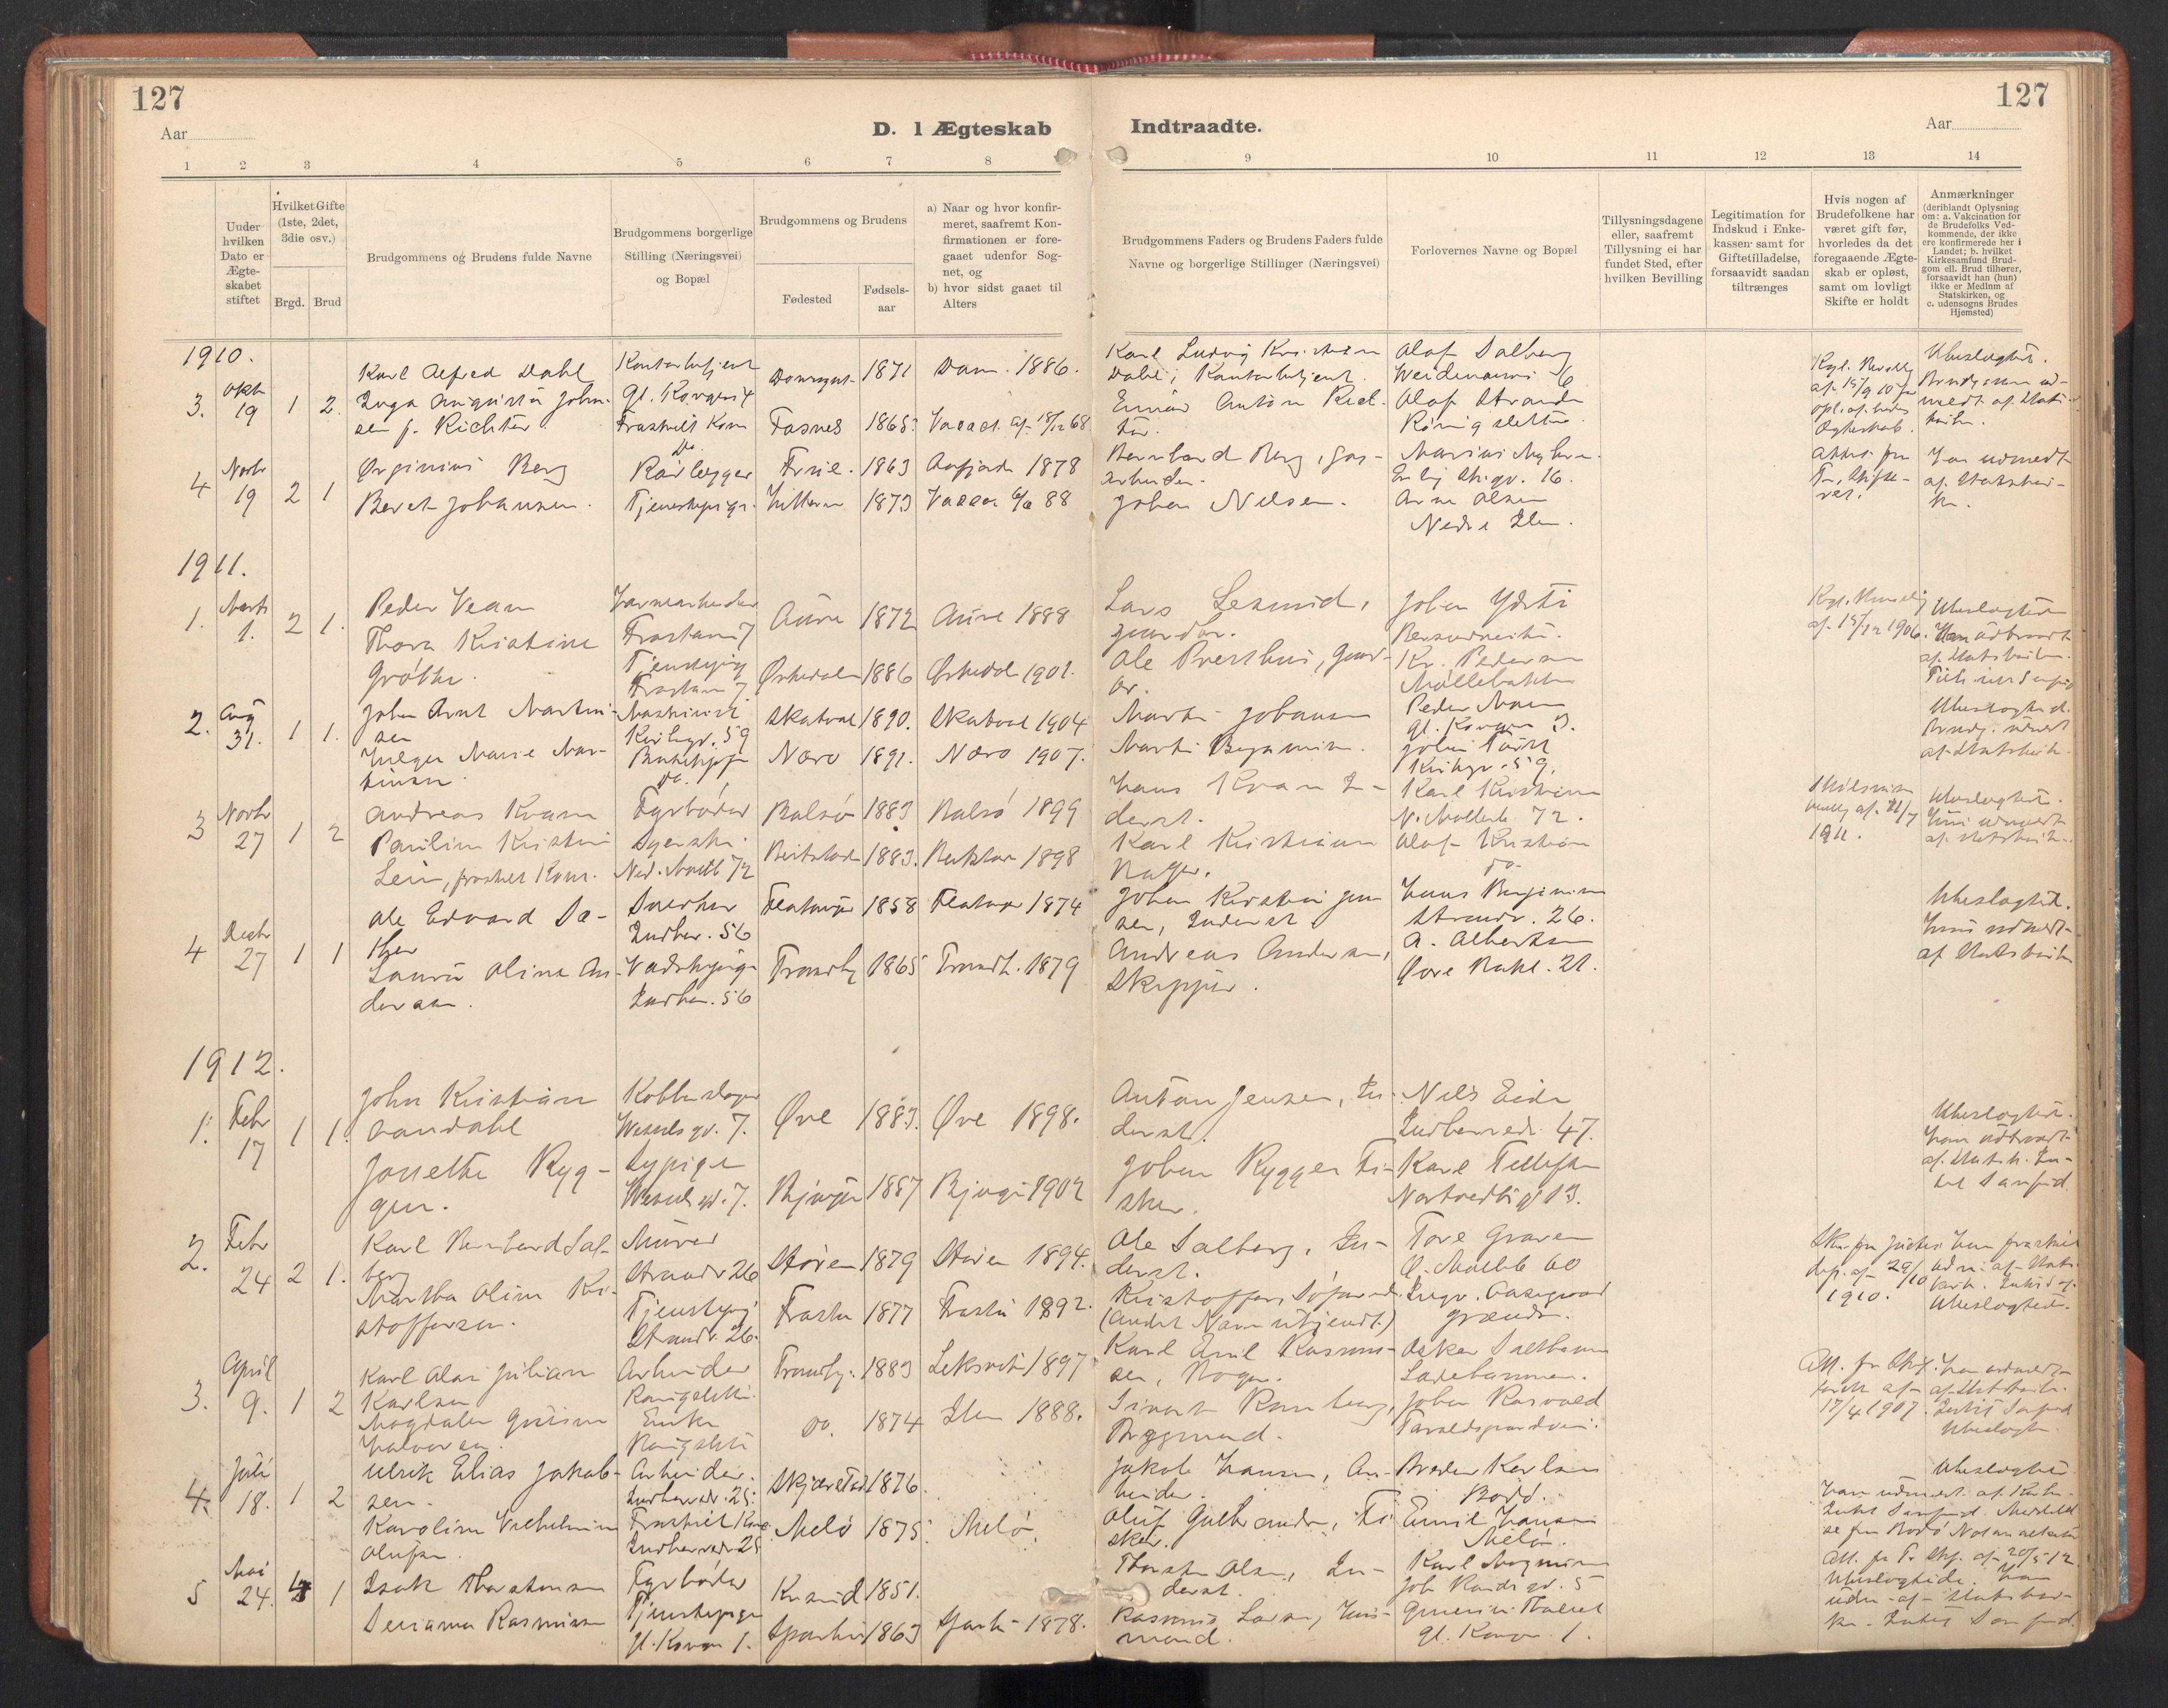 SAT, Ministerialprotokoller, klokkerbøker og fødselsregistre - Sør-Trøndelag, 605/L0244: Ministerialbok nr. 605A06, 1908-1954, s. 127